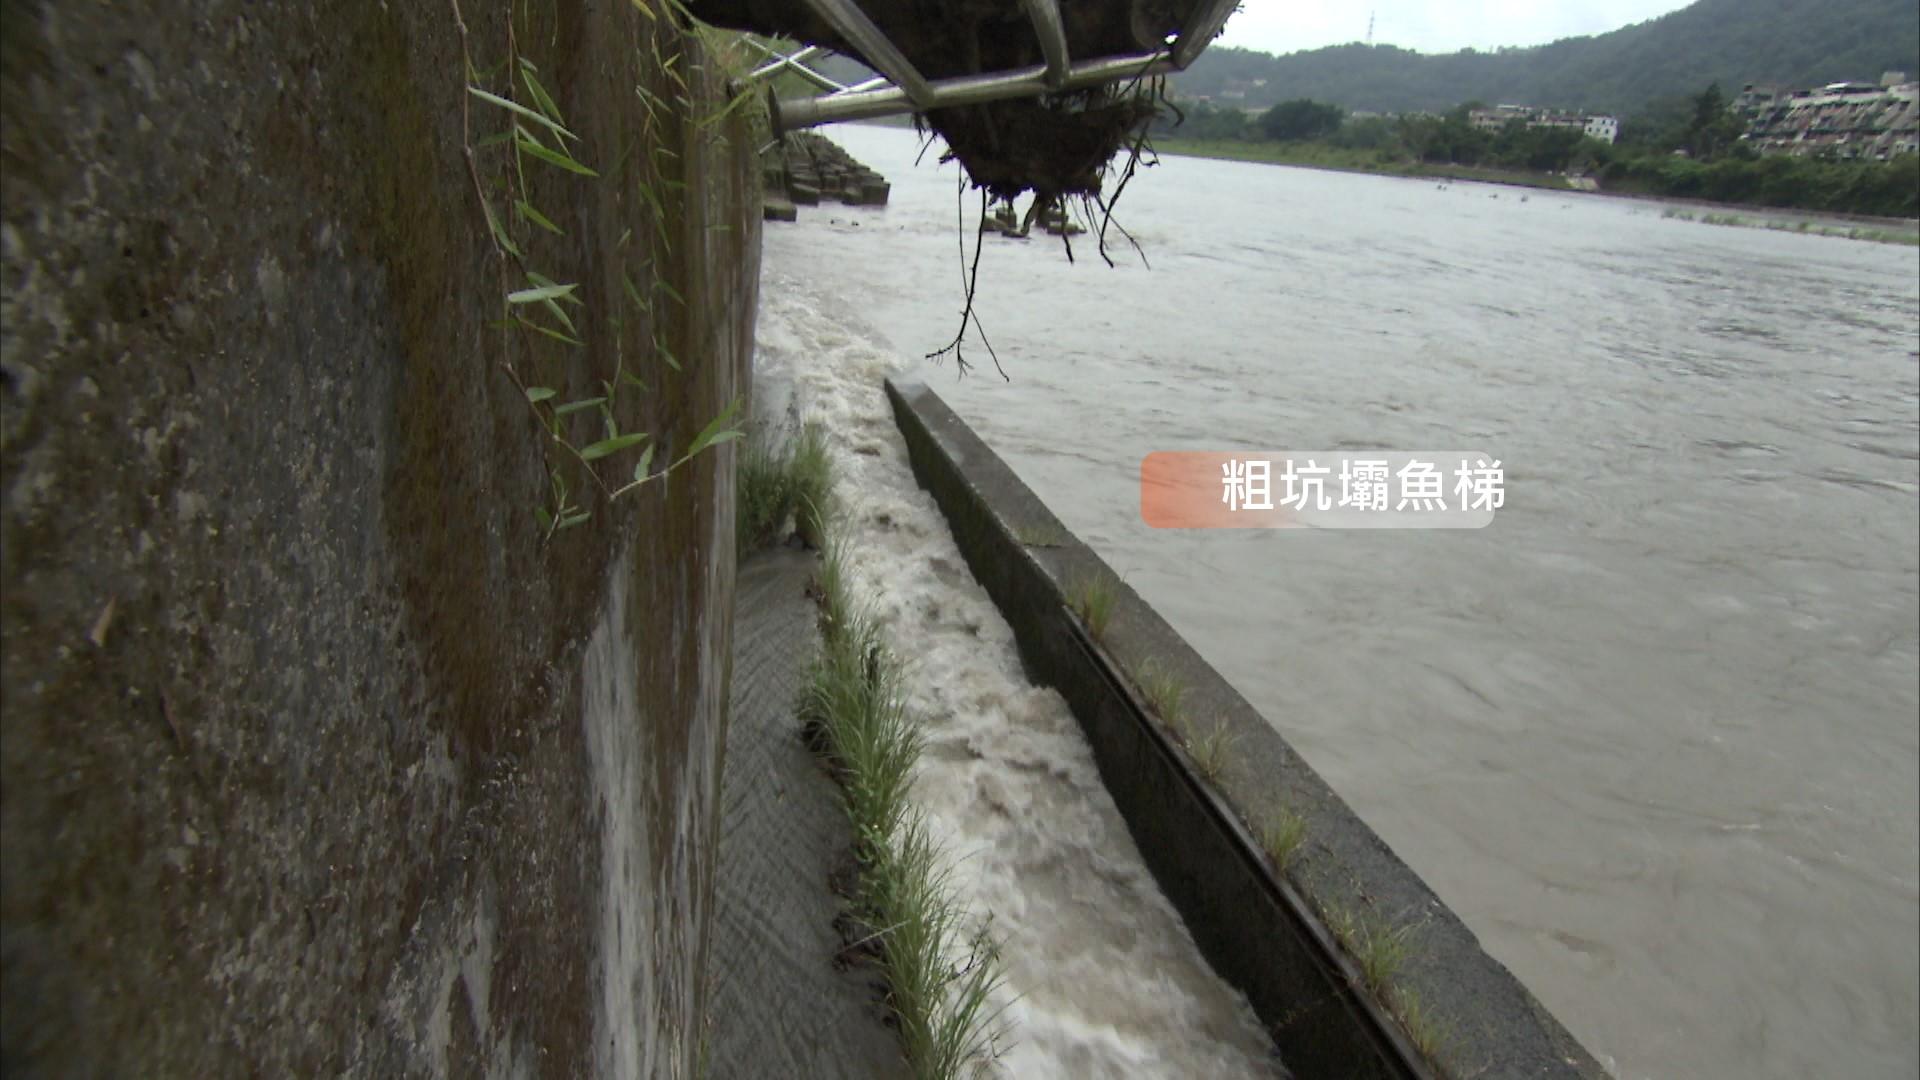 小粗坑電廠:壩的左岸設有階梯水池式魚梯一座